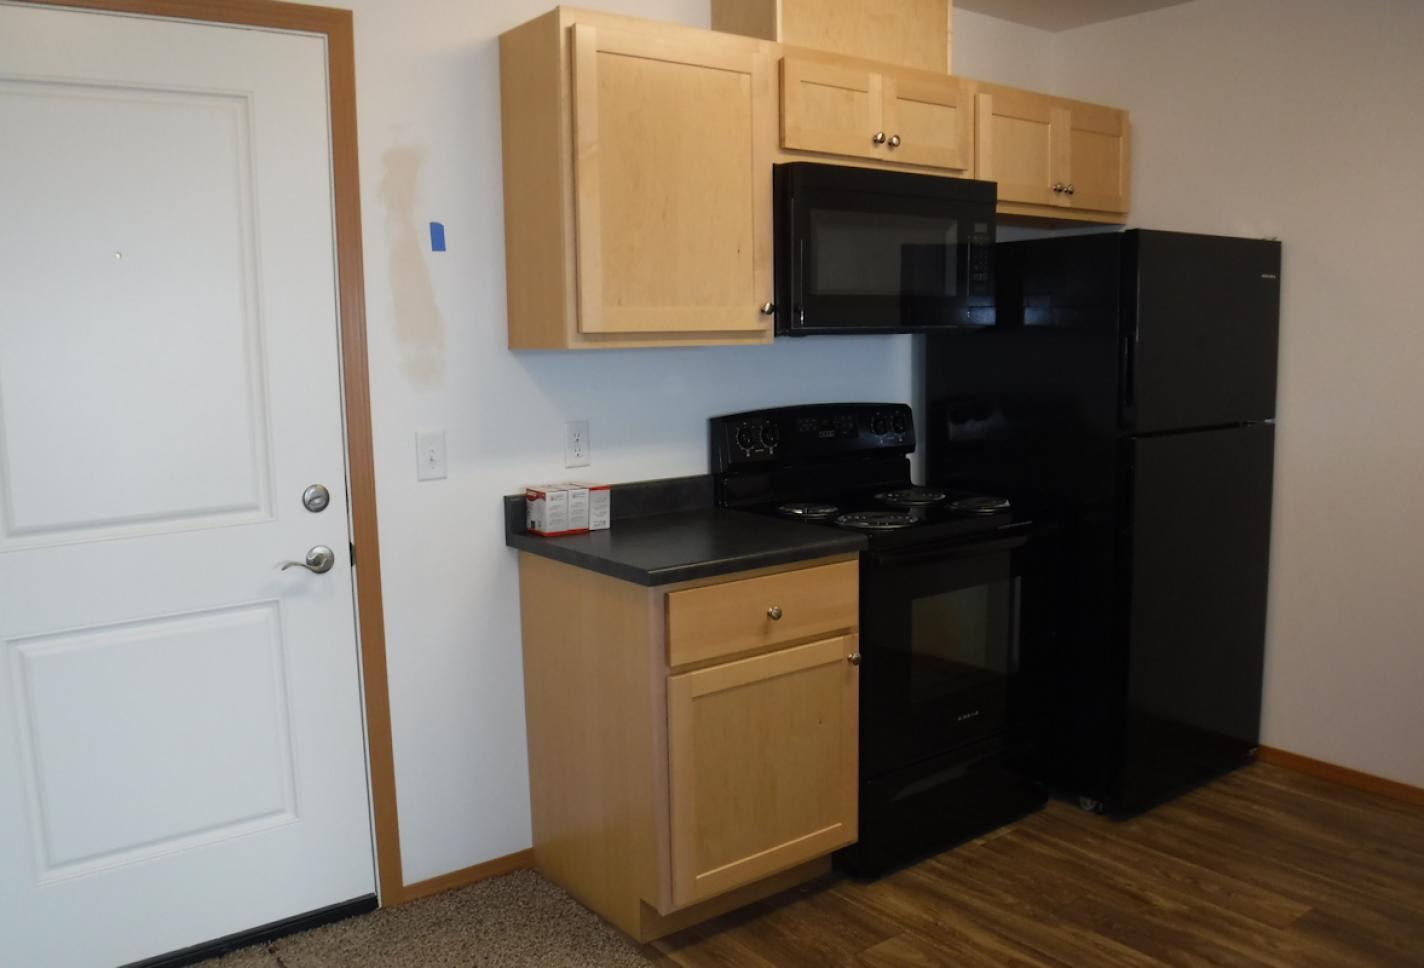 ppa-studio-full-kitchen